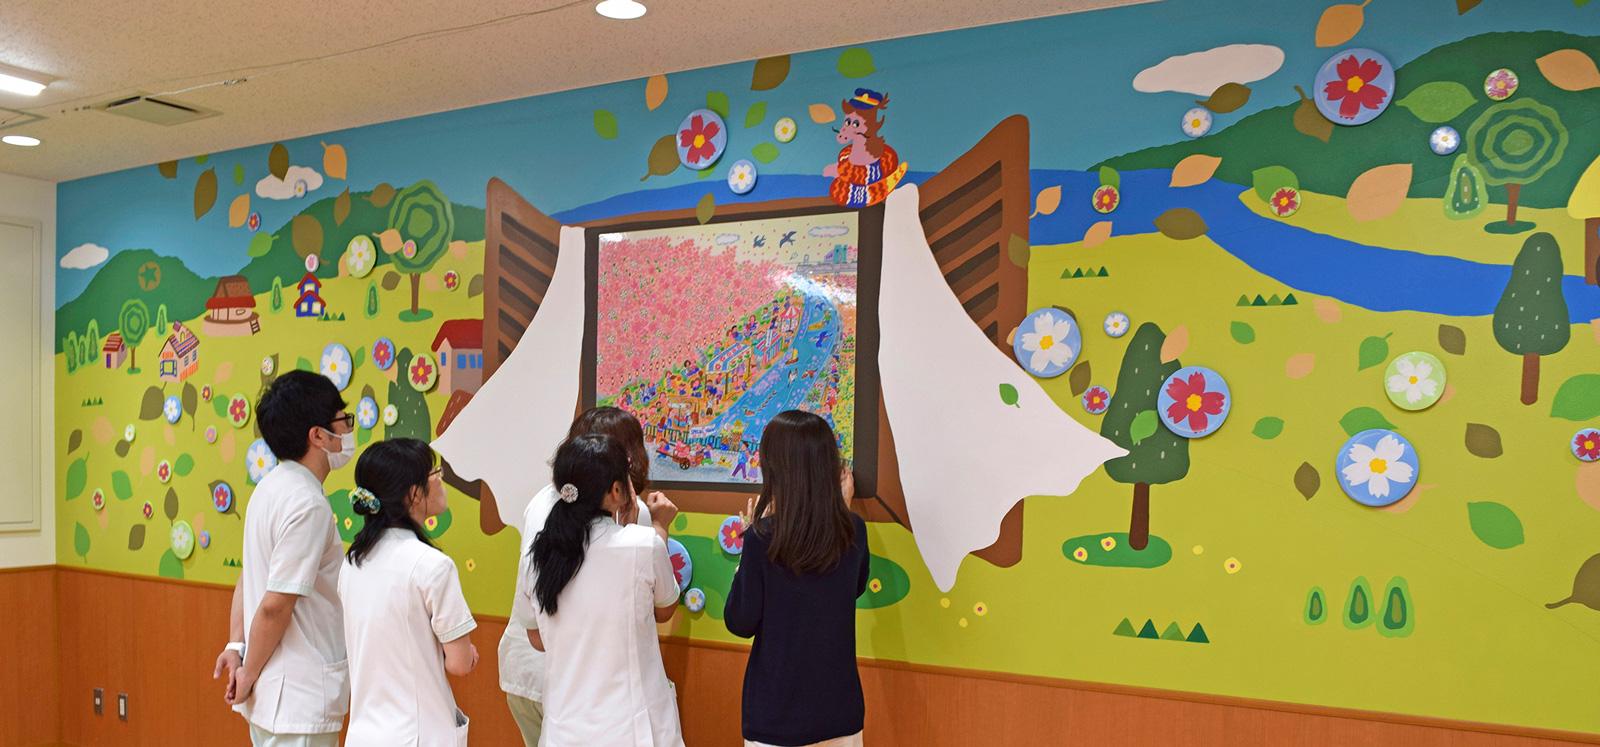 ホスピタルアート 西部島根医療福祉センター 壁画「 Picnic – 佐々木恵未さんの世界へ」